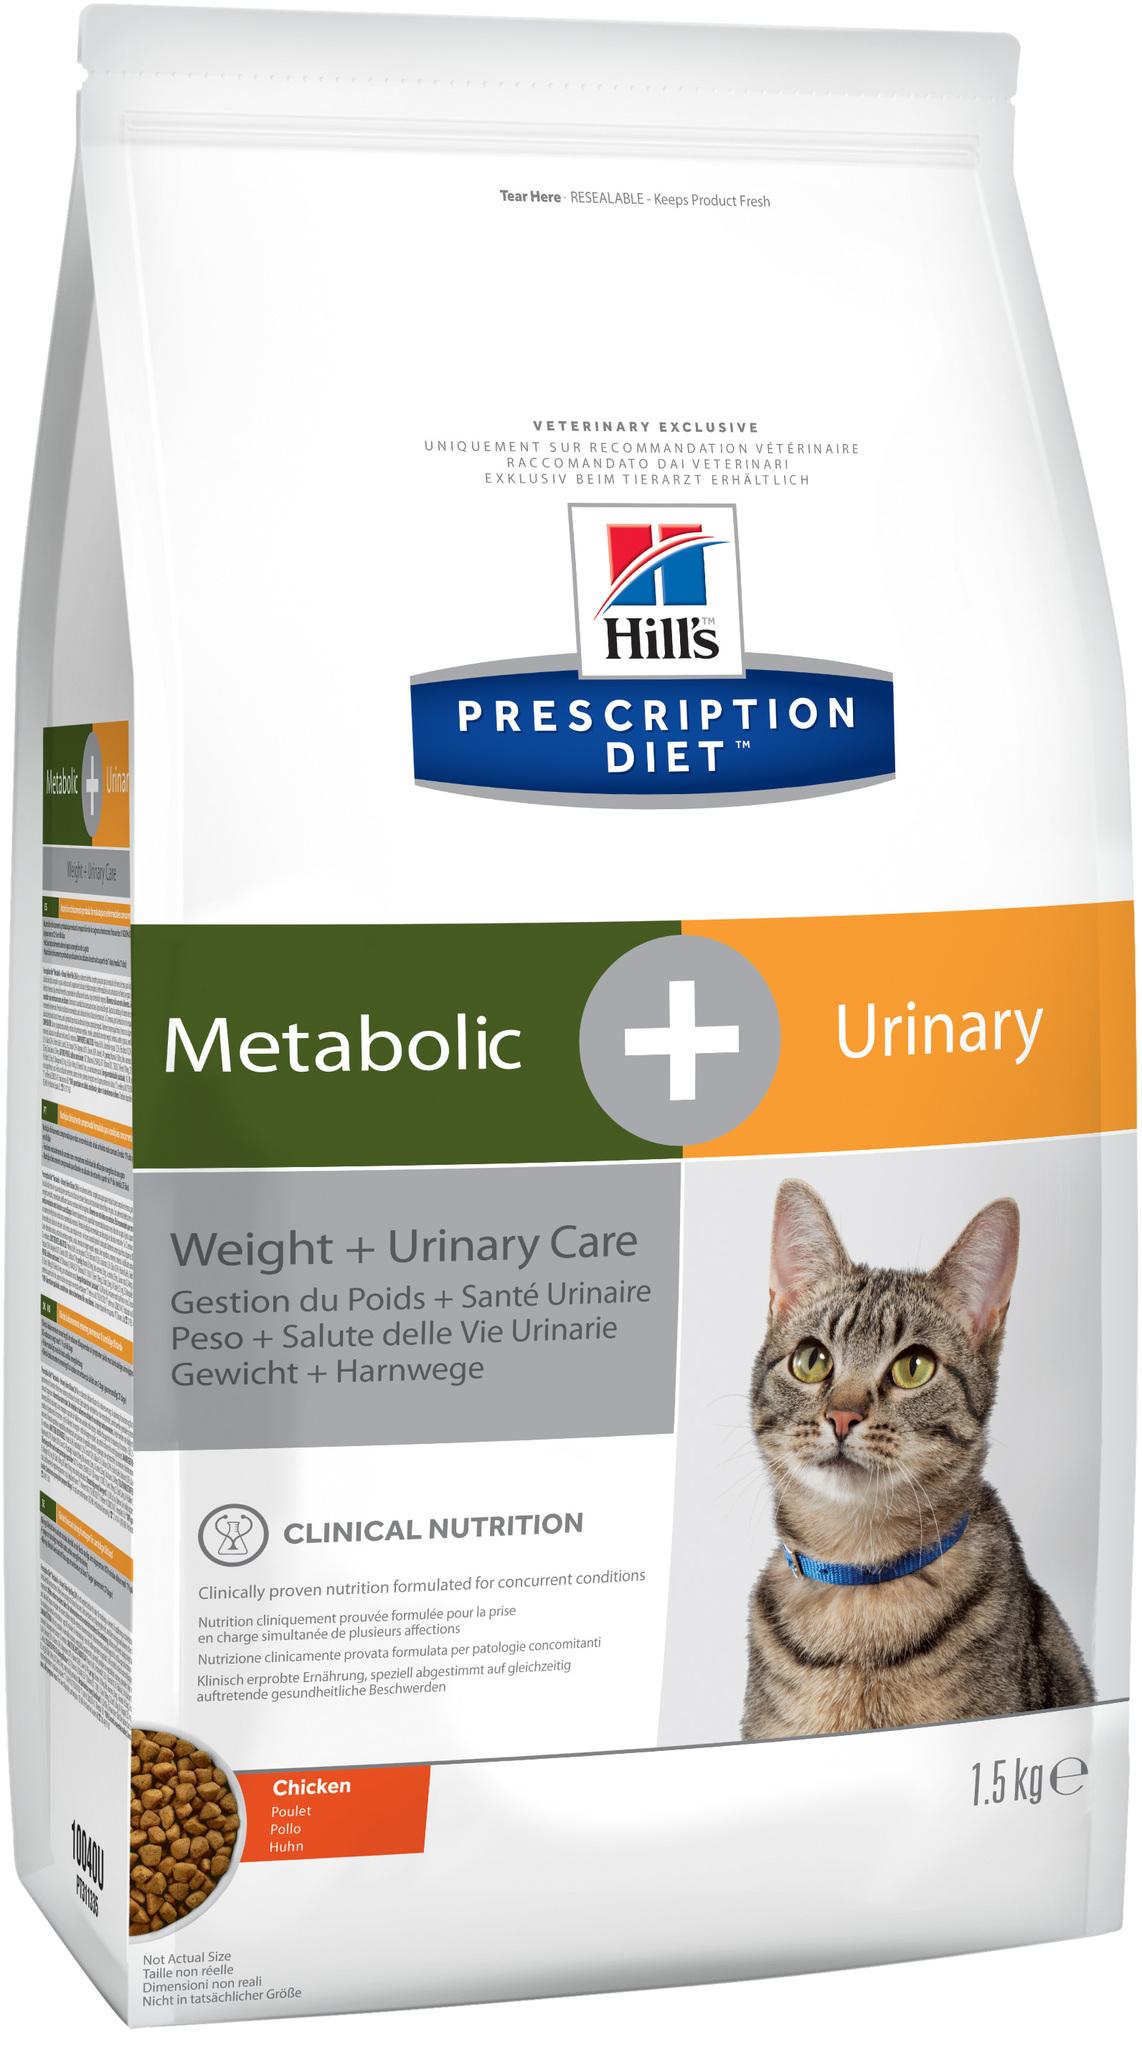 купить хиллс Hill's™ Prescription Diet™ Feline Metabolic + Urinary Care сухой корм для взрослых кошек, диетический рацион для коррекции веса + урология 1.5 ru